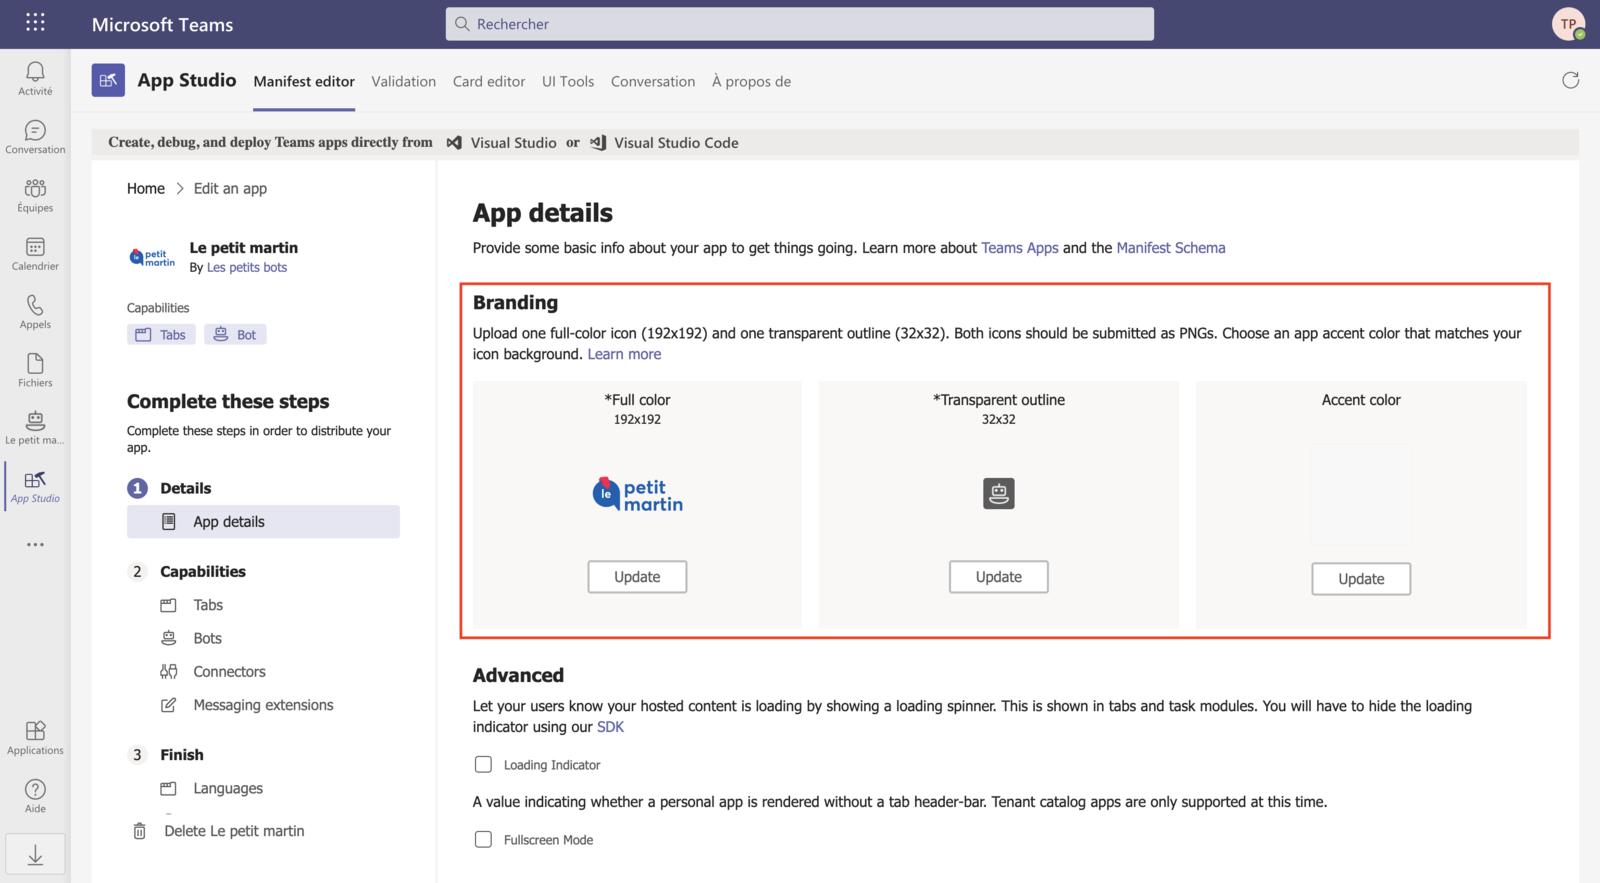 Personnalisation en marque blanche : modification de l'avatar du chatbot